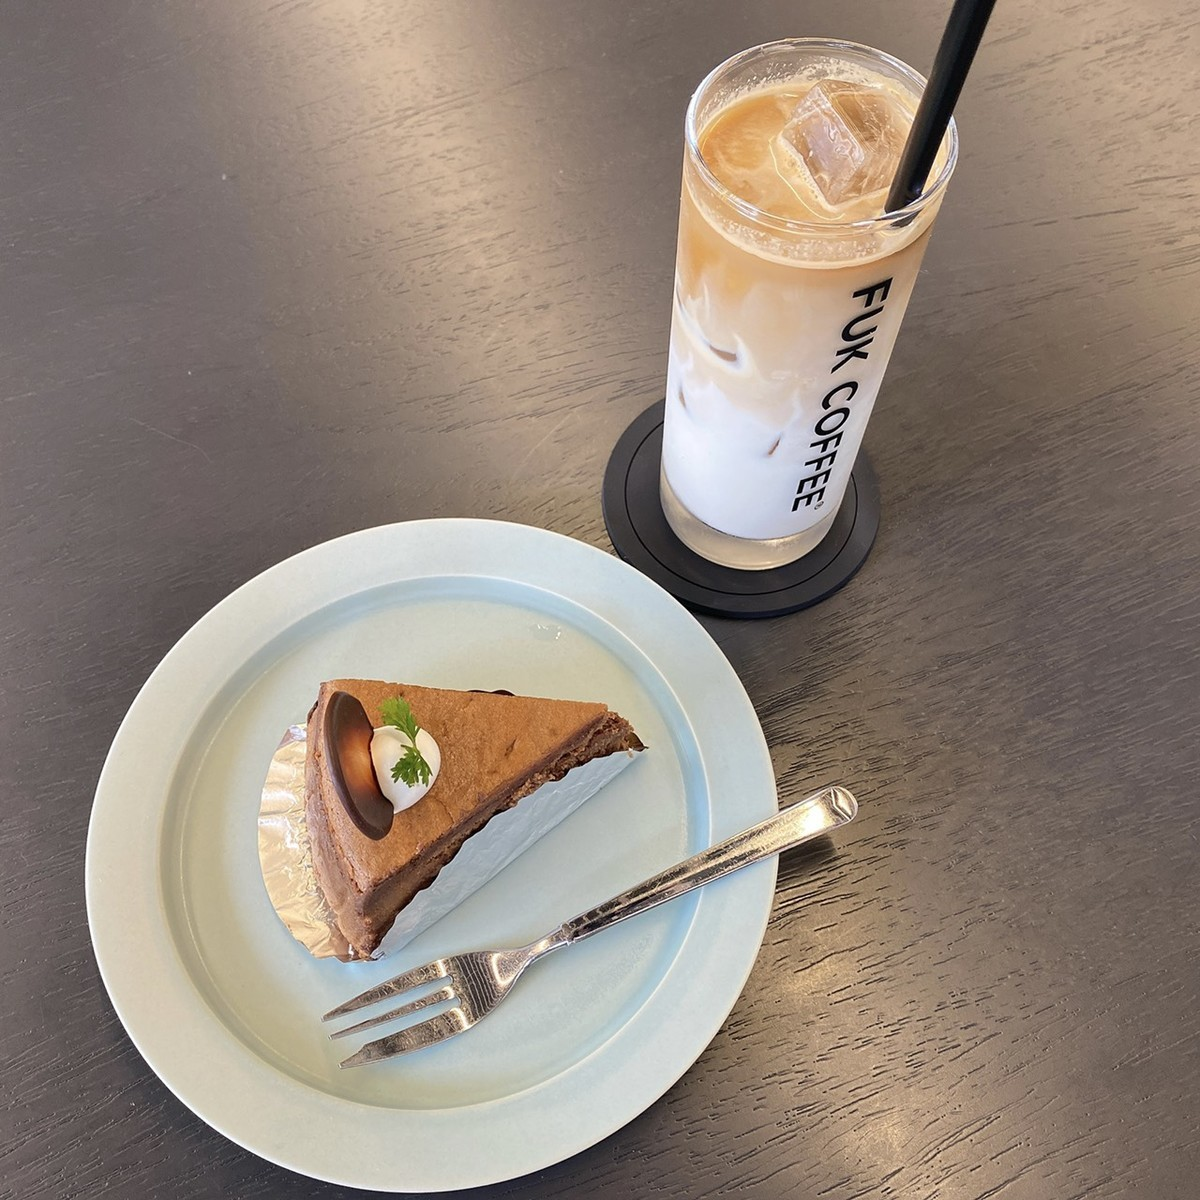 ショコラチーズケーキ アイスカフェラテ